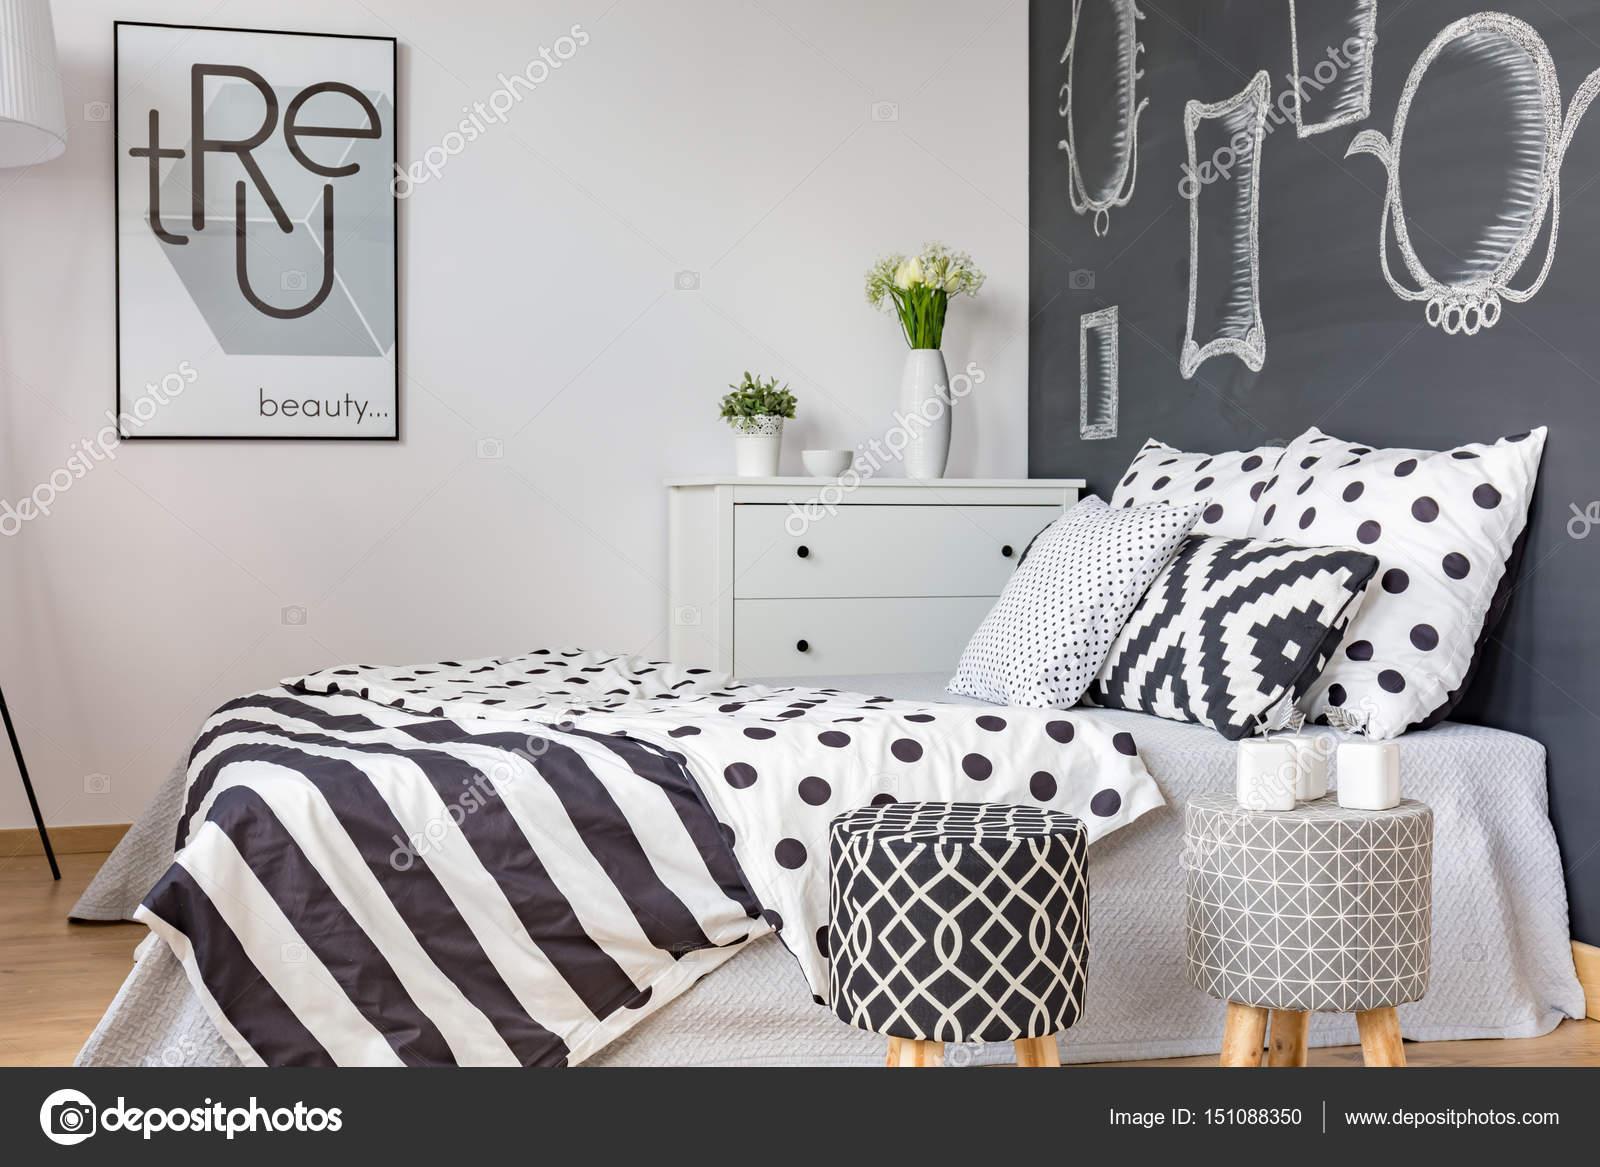 Schwarz Weiß Bettwäsche Stockfoto Photographeeeu 151088350